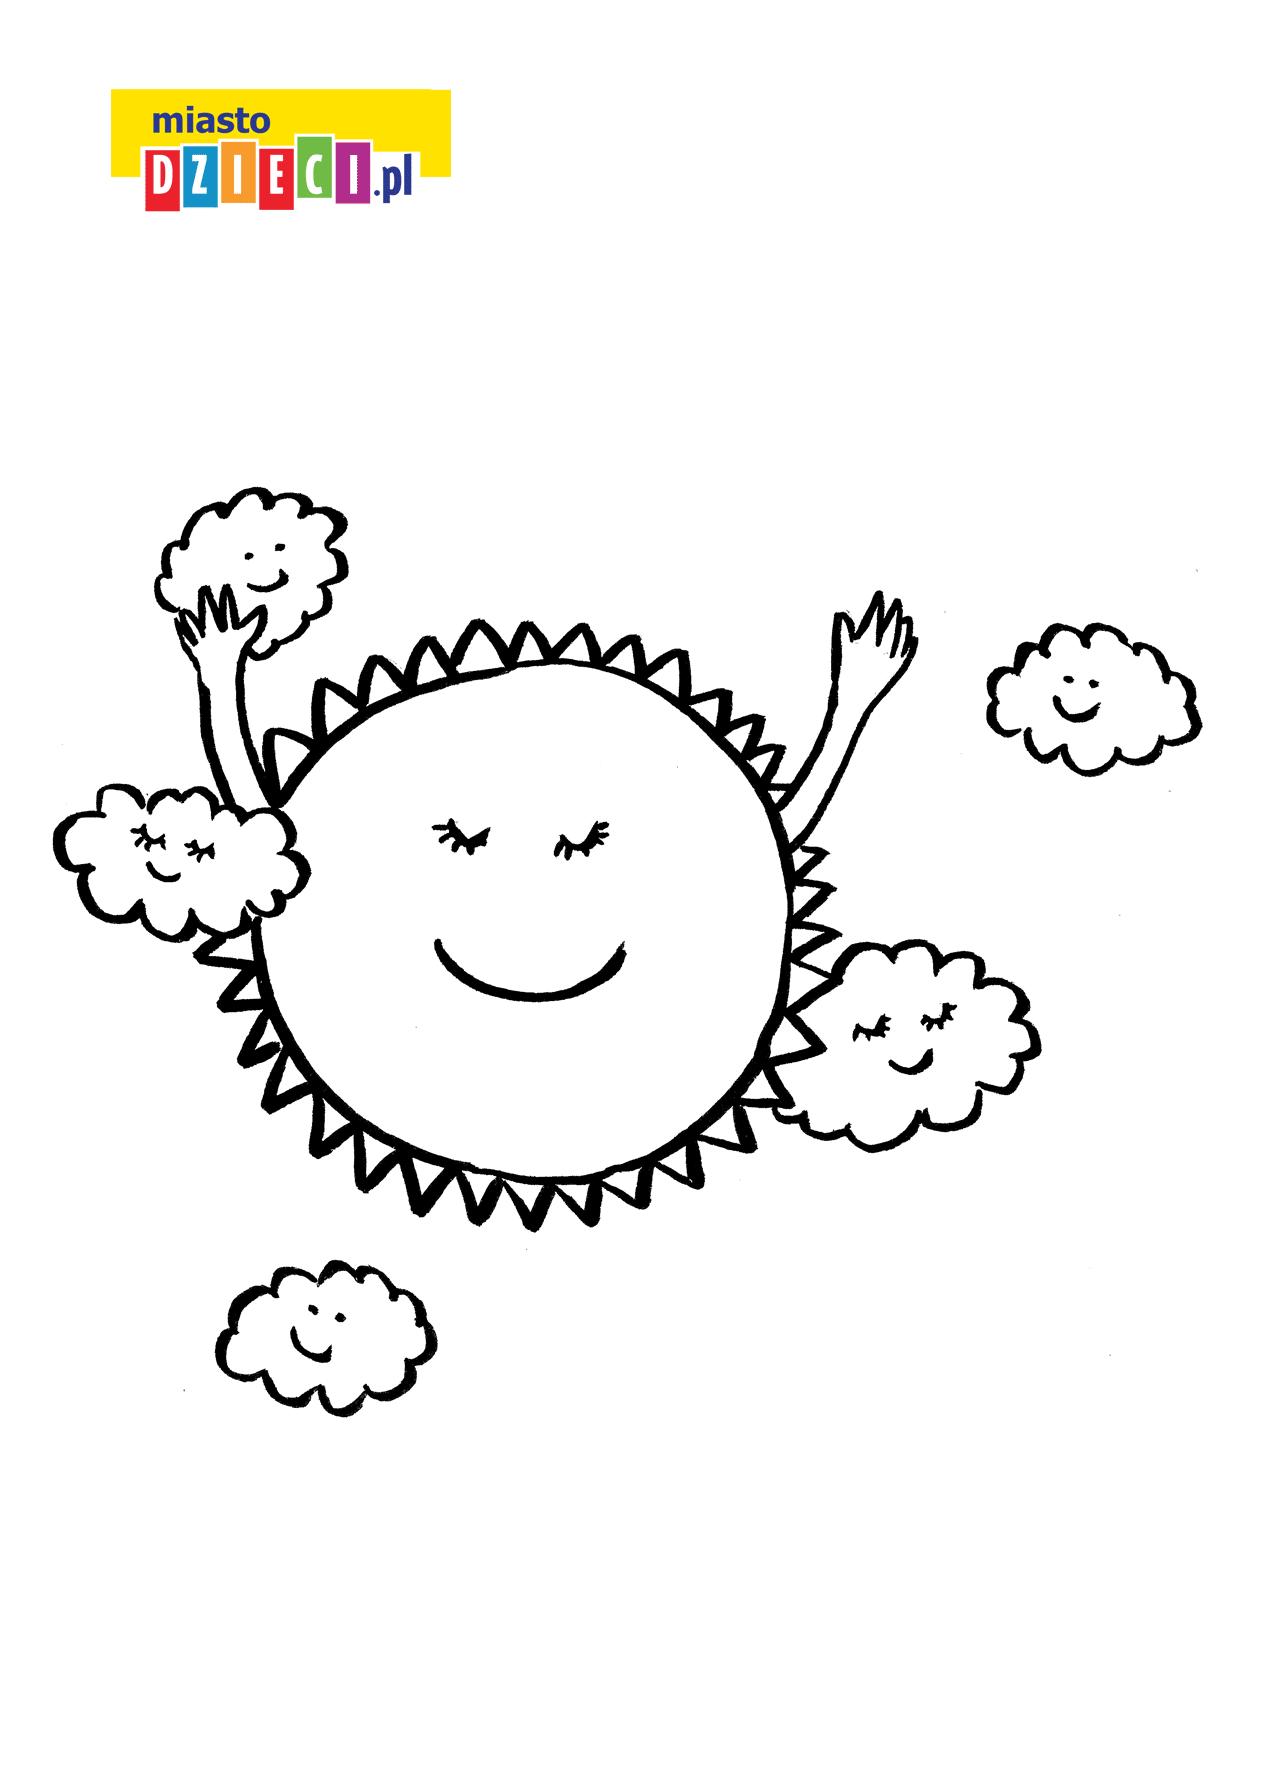 słońce - kolorowanka kolorowanki i szablony do druku dla dzieci MiastoDzieci.pl